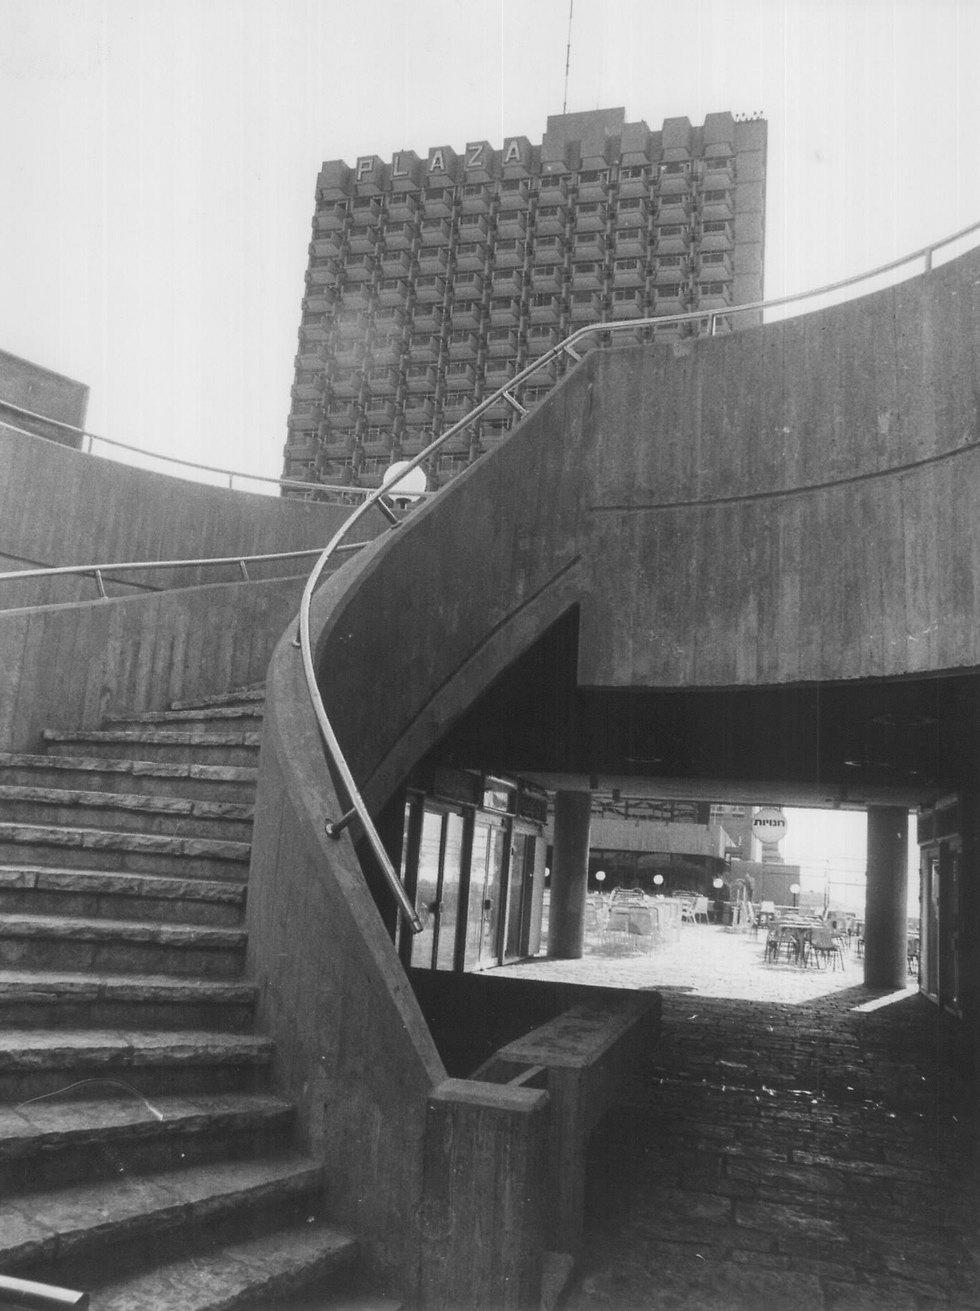 גרם מדרגות האבן. כיום מושבת נרקומנית מסריחה משתן (צילום: יוסי רוט) (צילום: יוסי רוט)